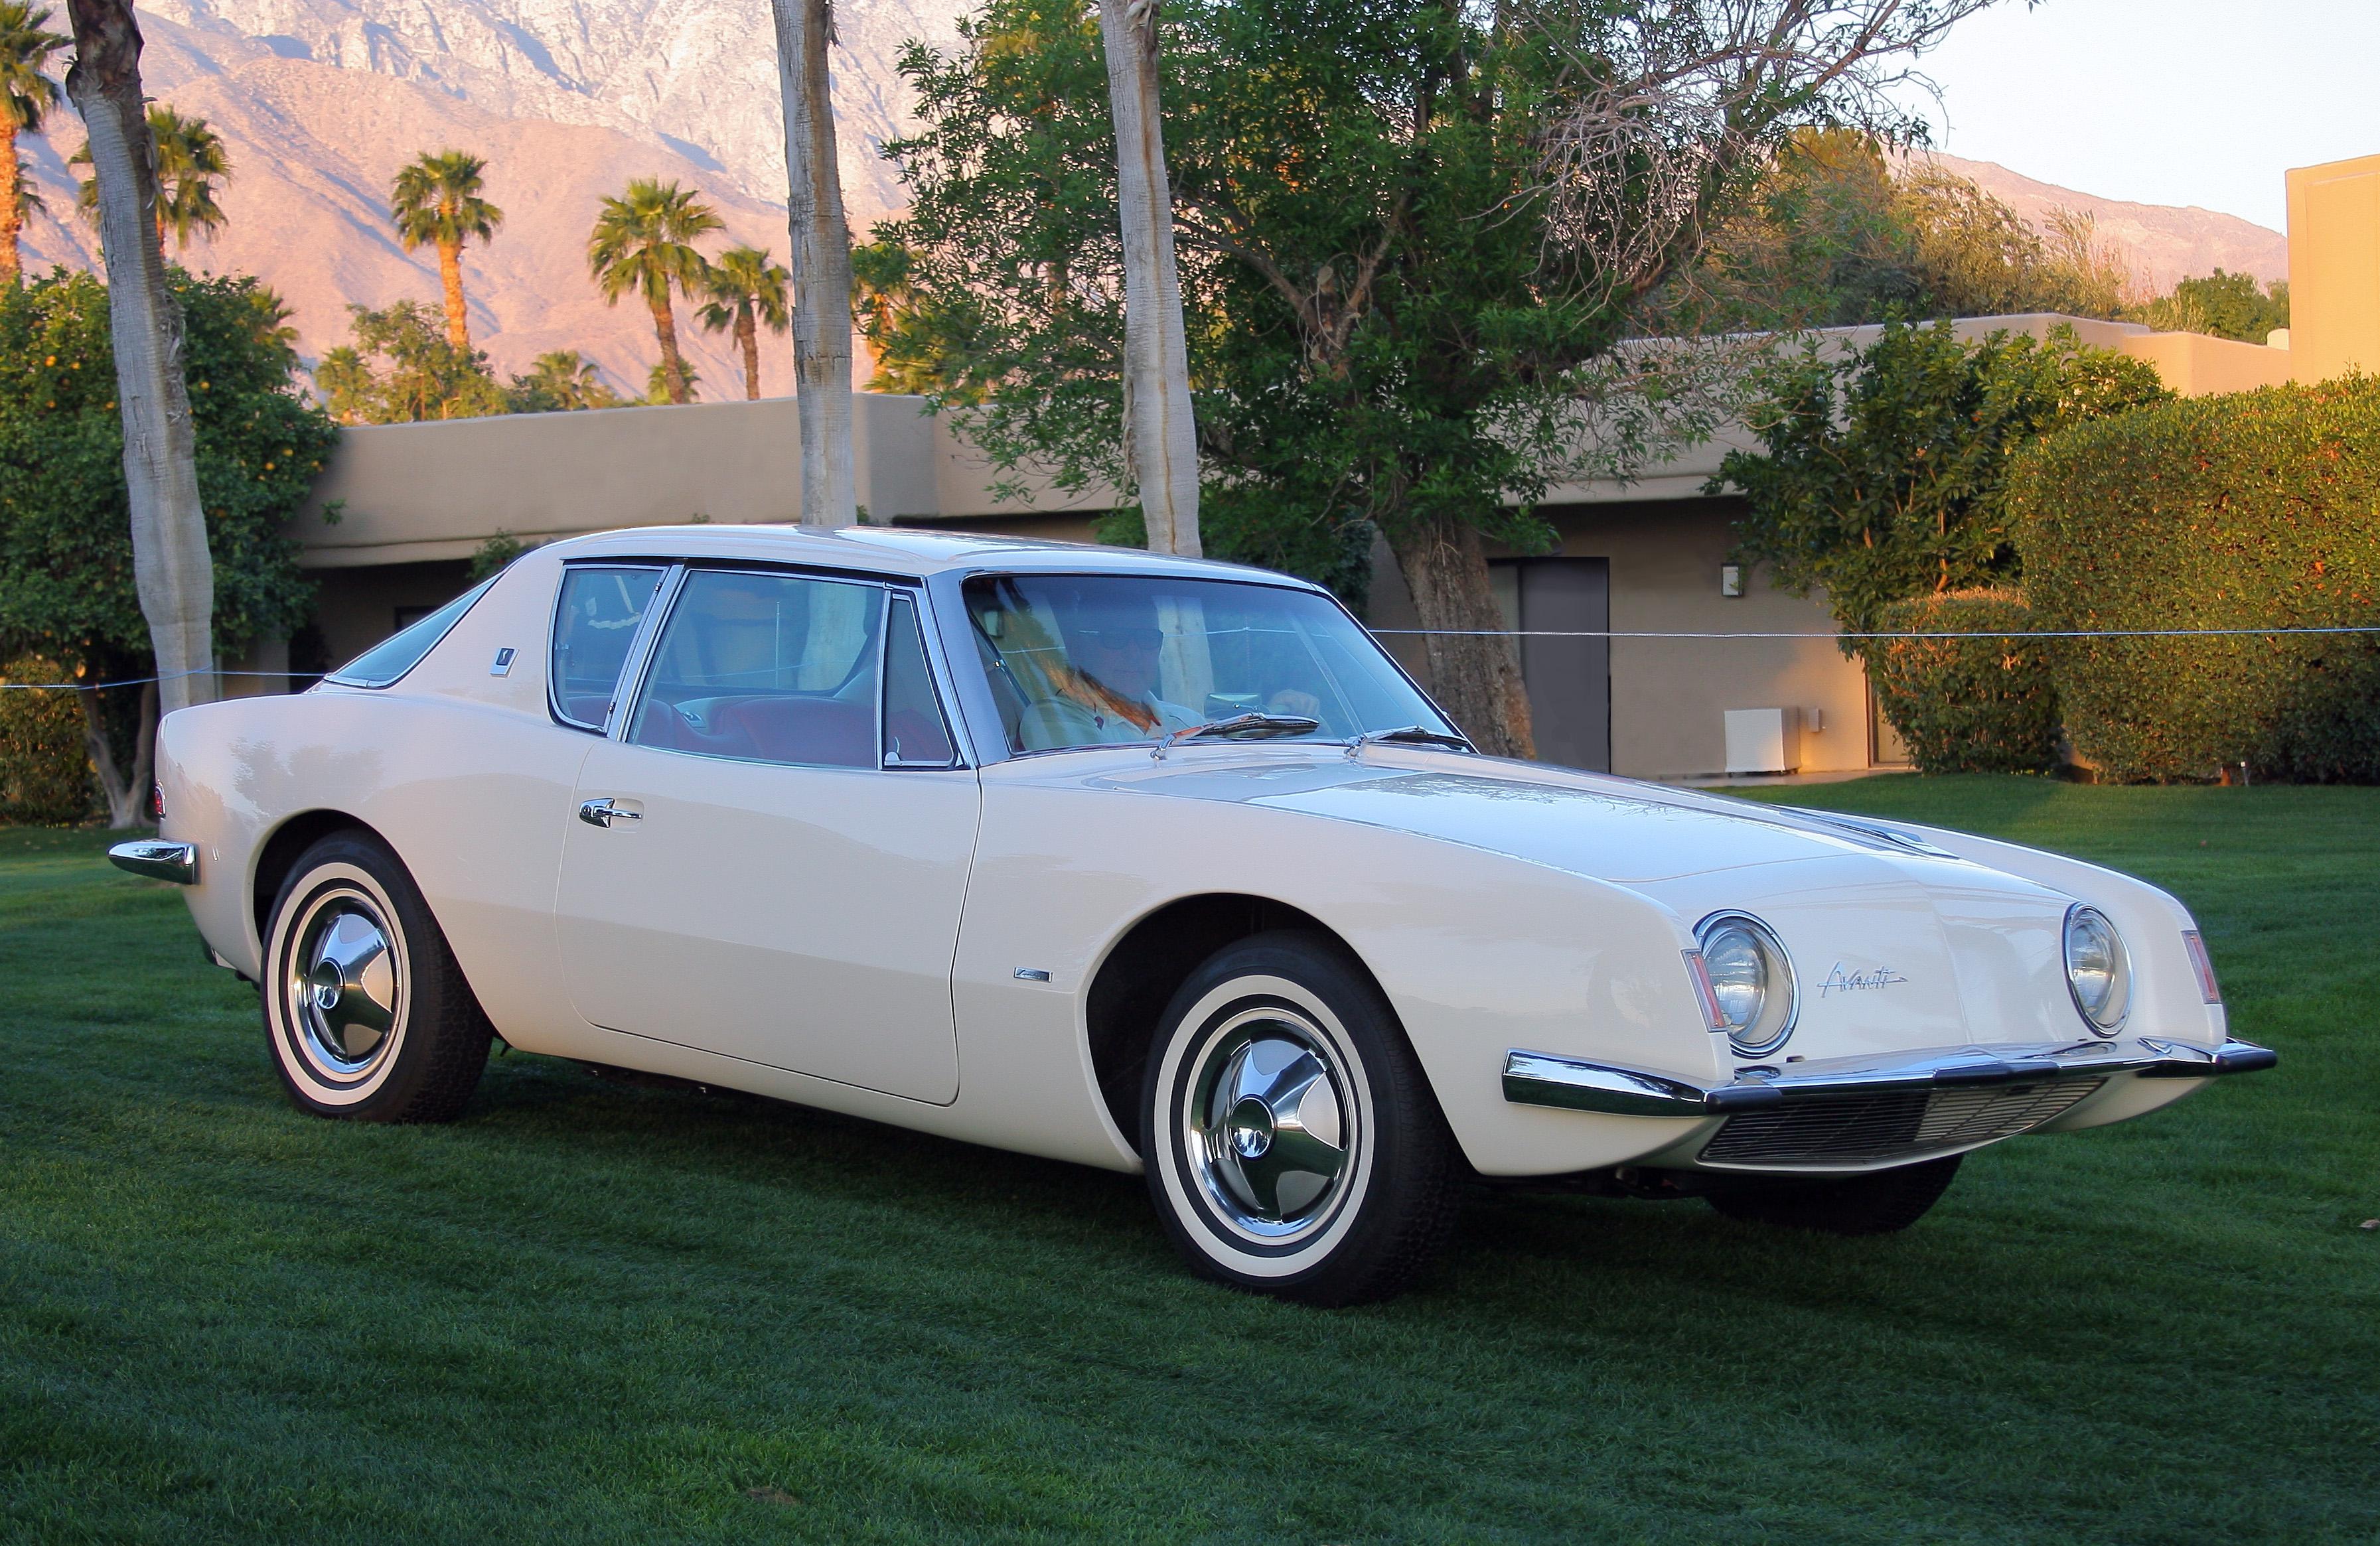 1963 Studebaker Avanti 3586x2330 Carporn